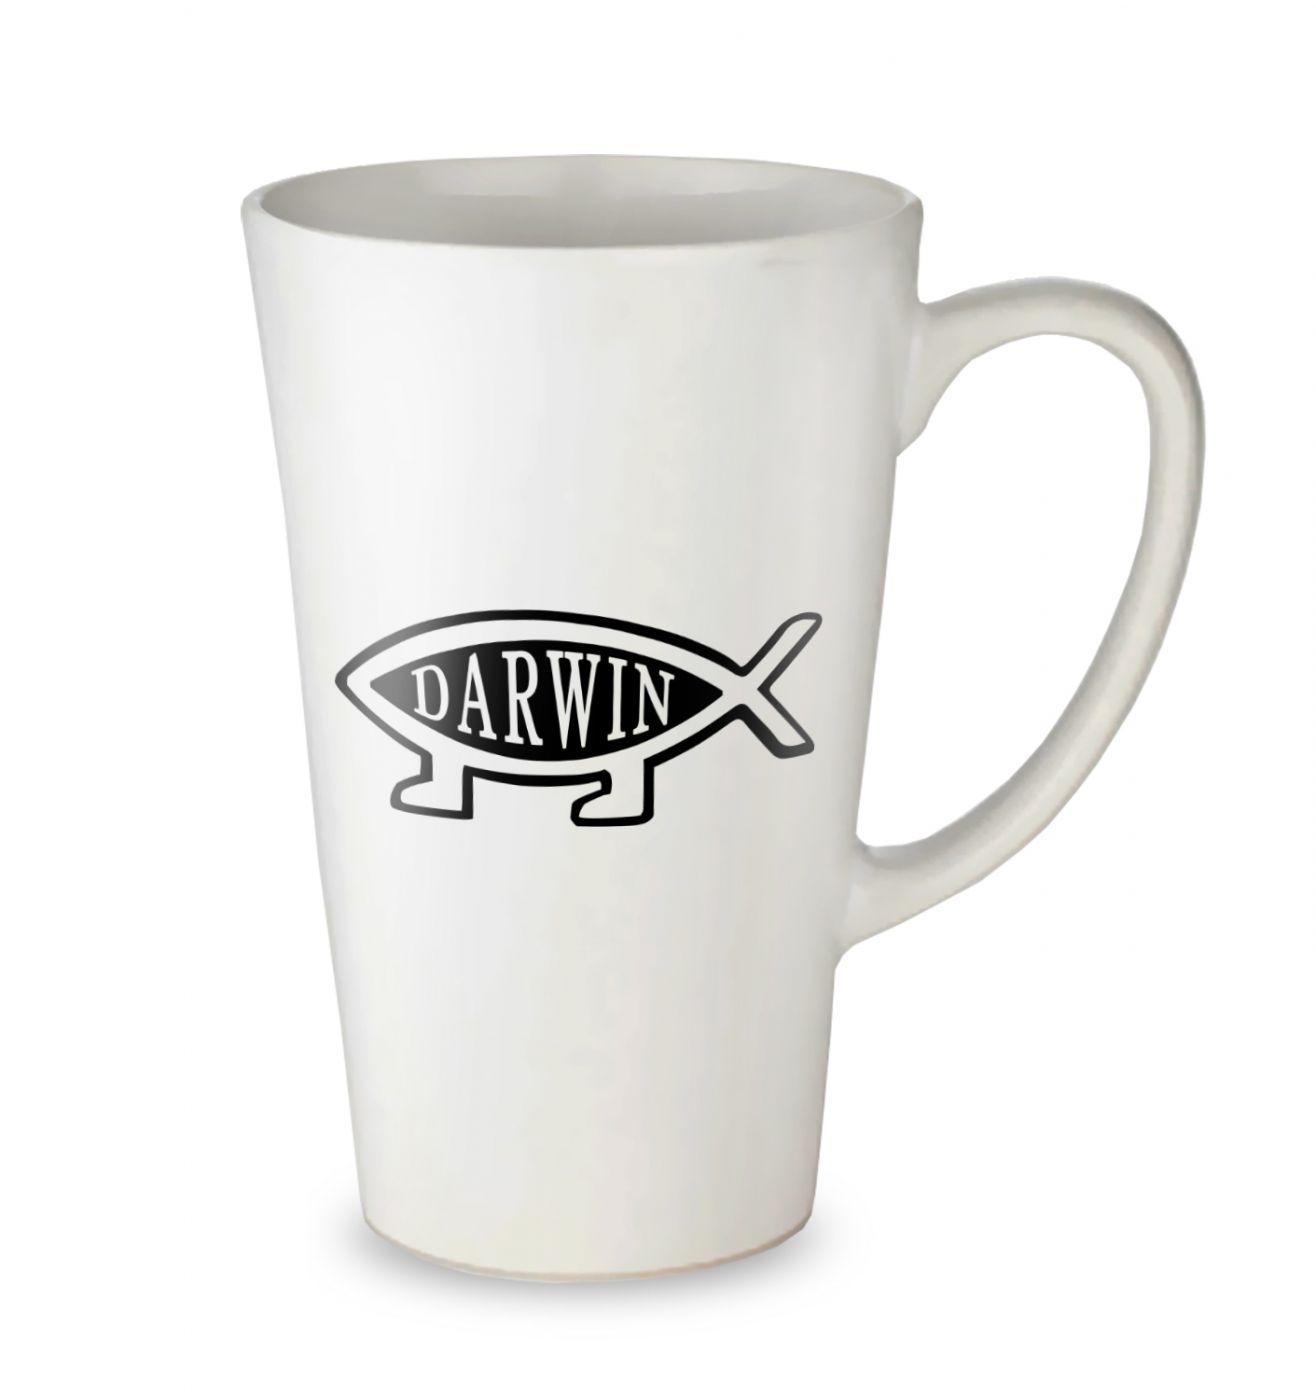 Darwin Ichthys tall latte mug